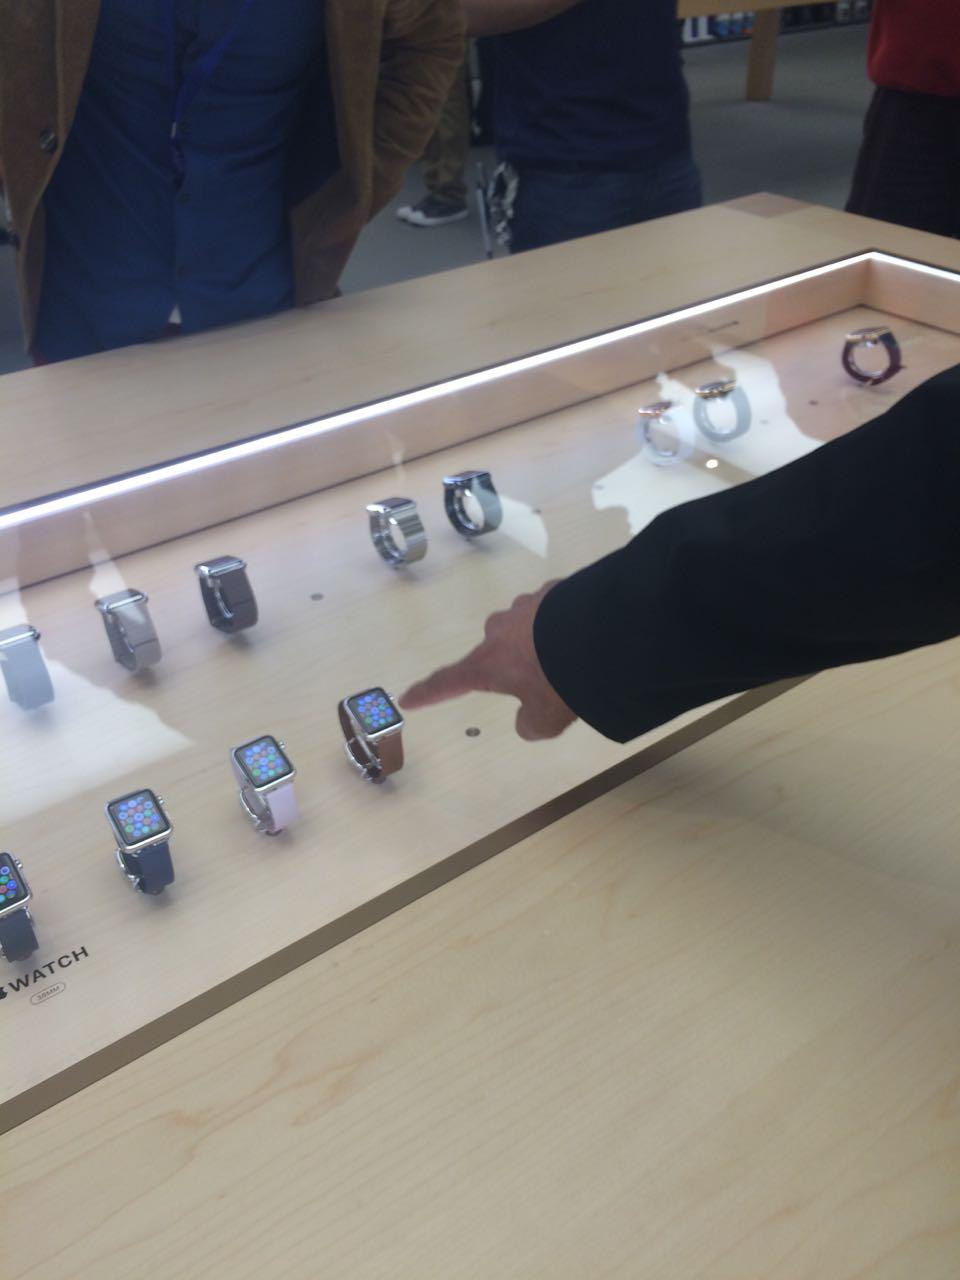 apple_watch_apple Store2.jpg